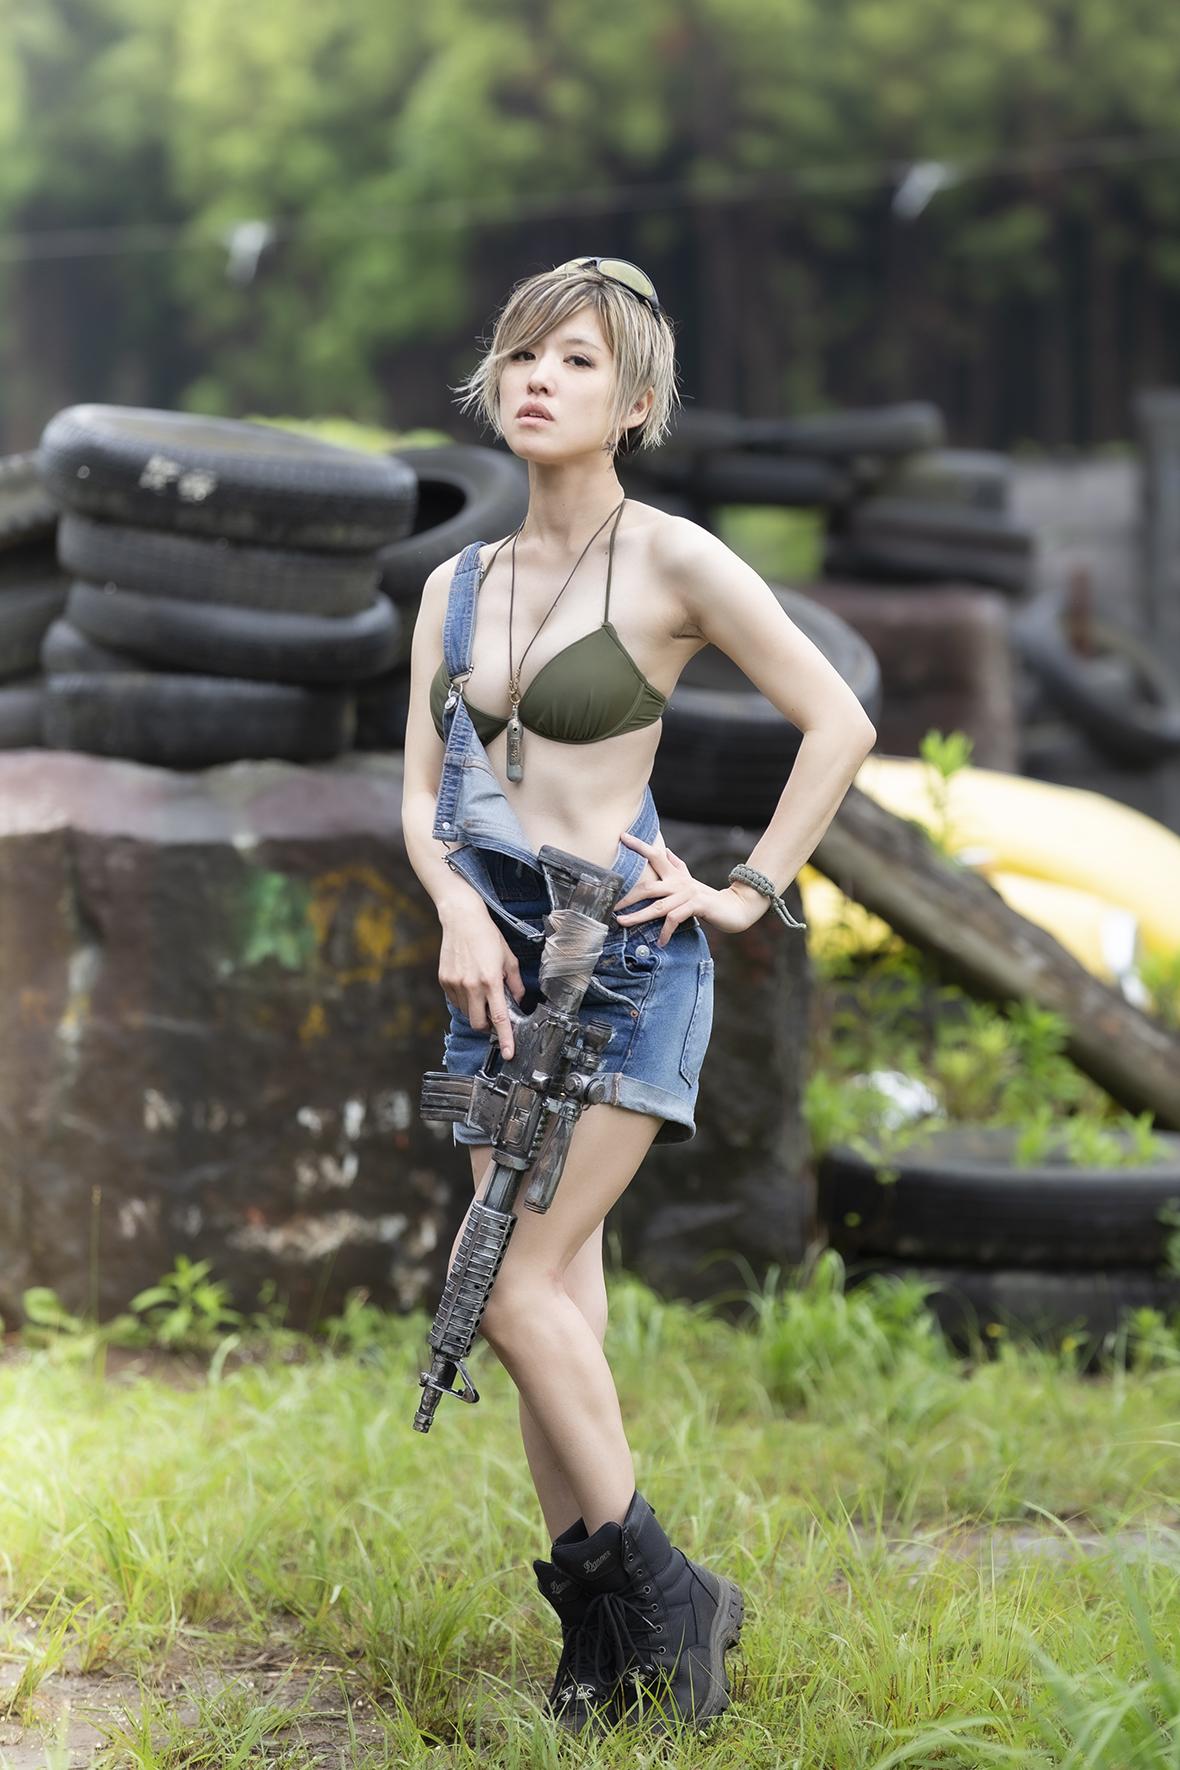 sg_fashion_snap_KU0629-03-00A